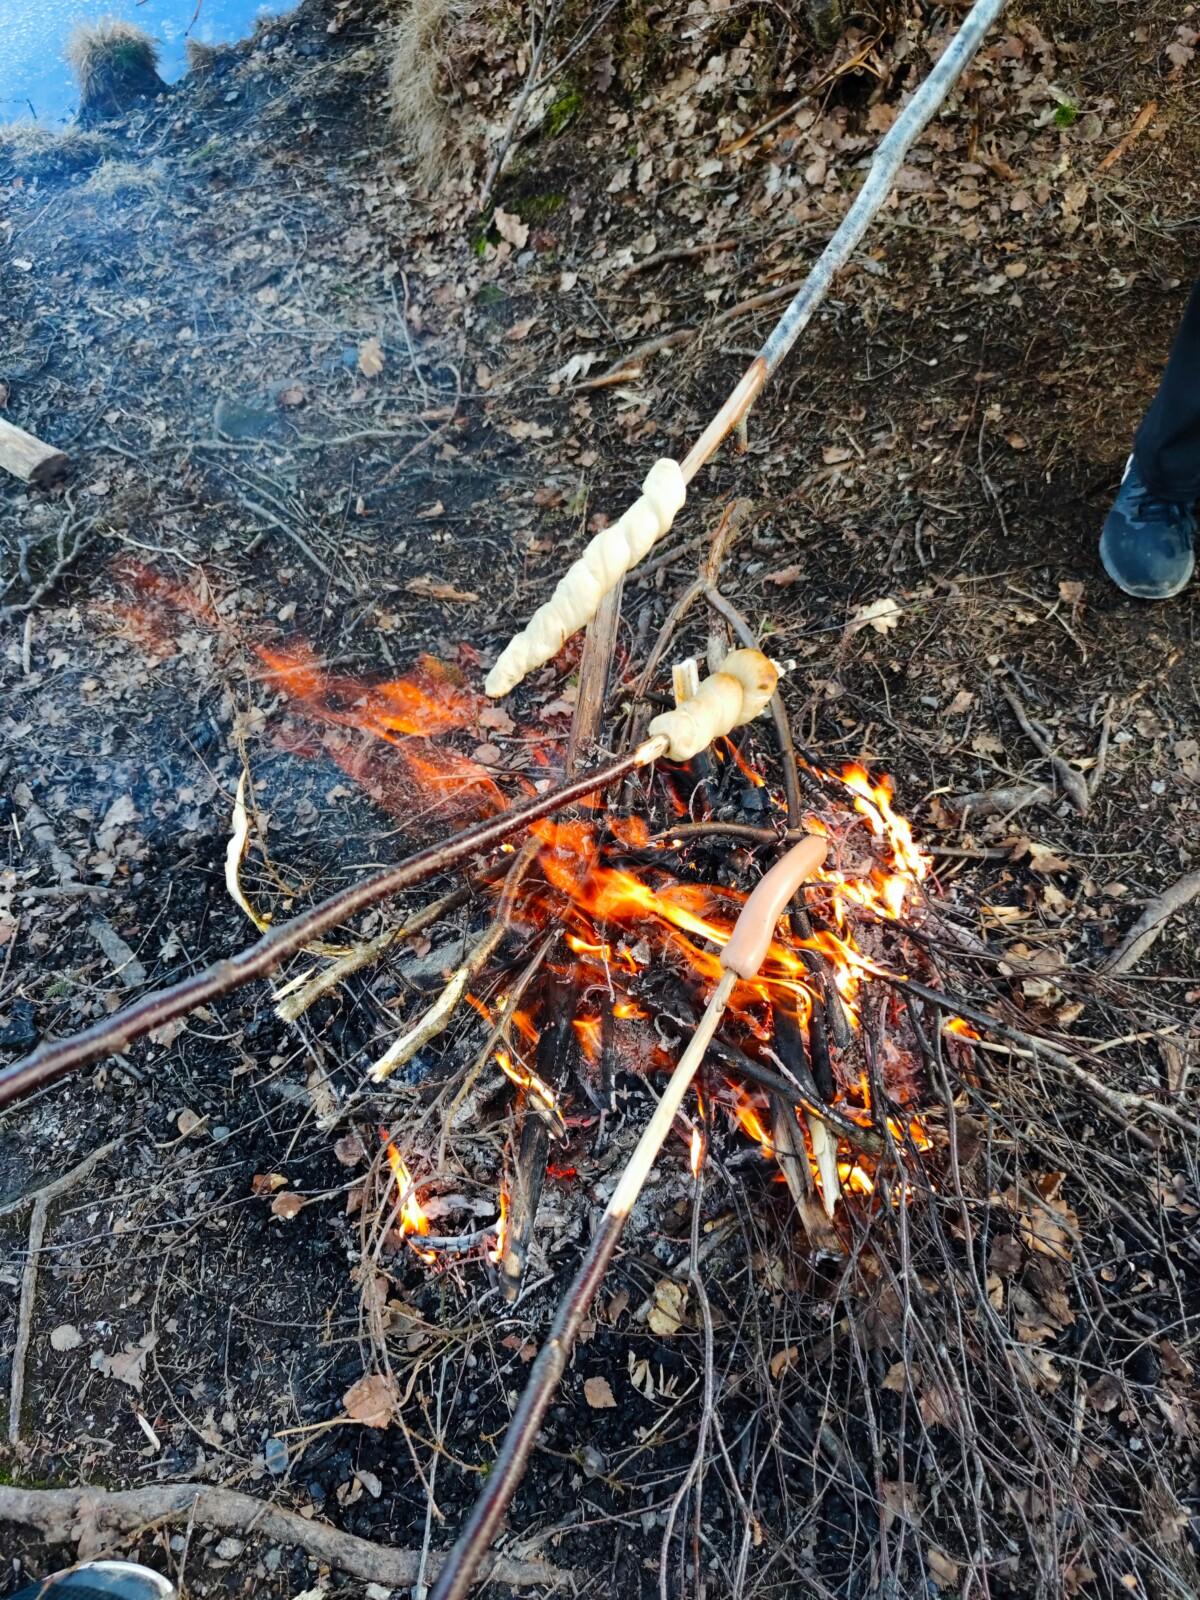 isalicious-isalicious1-blogger-blogg-blog-blogging-natur-norge-orientering-grill-bål-skog-norsknatur-pølser-pinnebrød-grilling-skog-isalicious.blogg